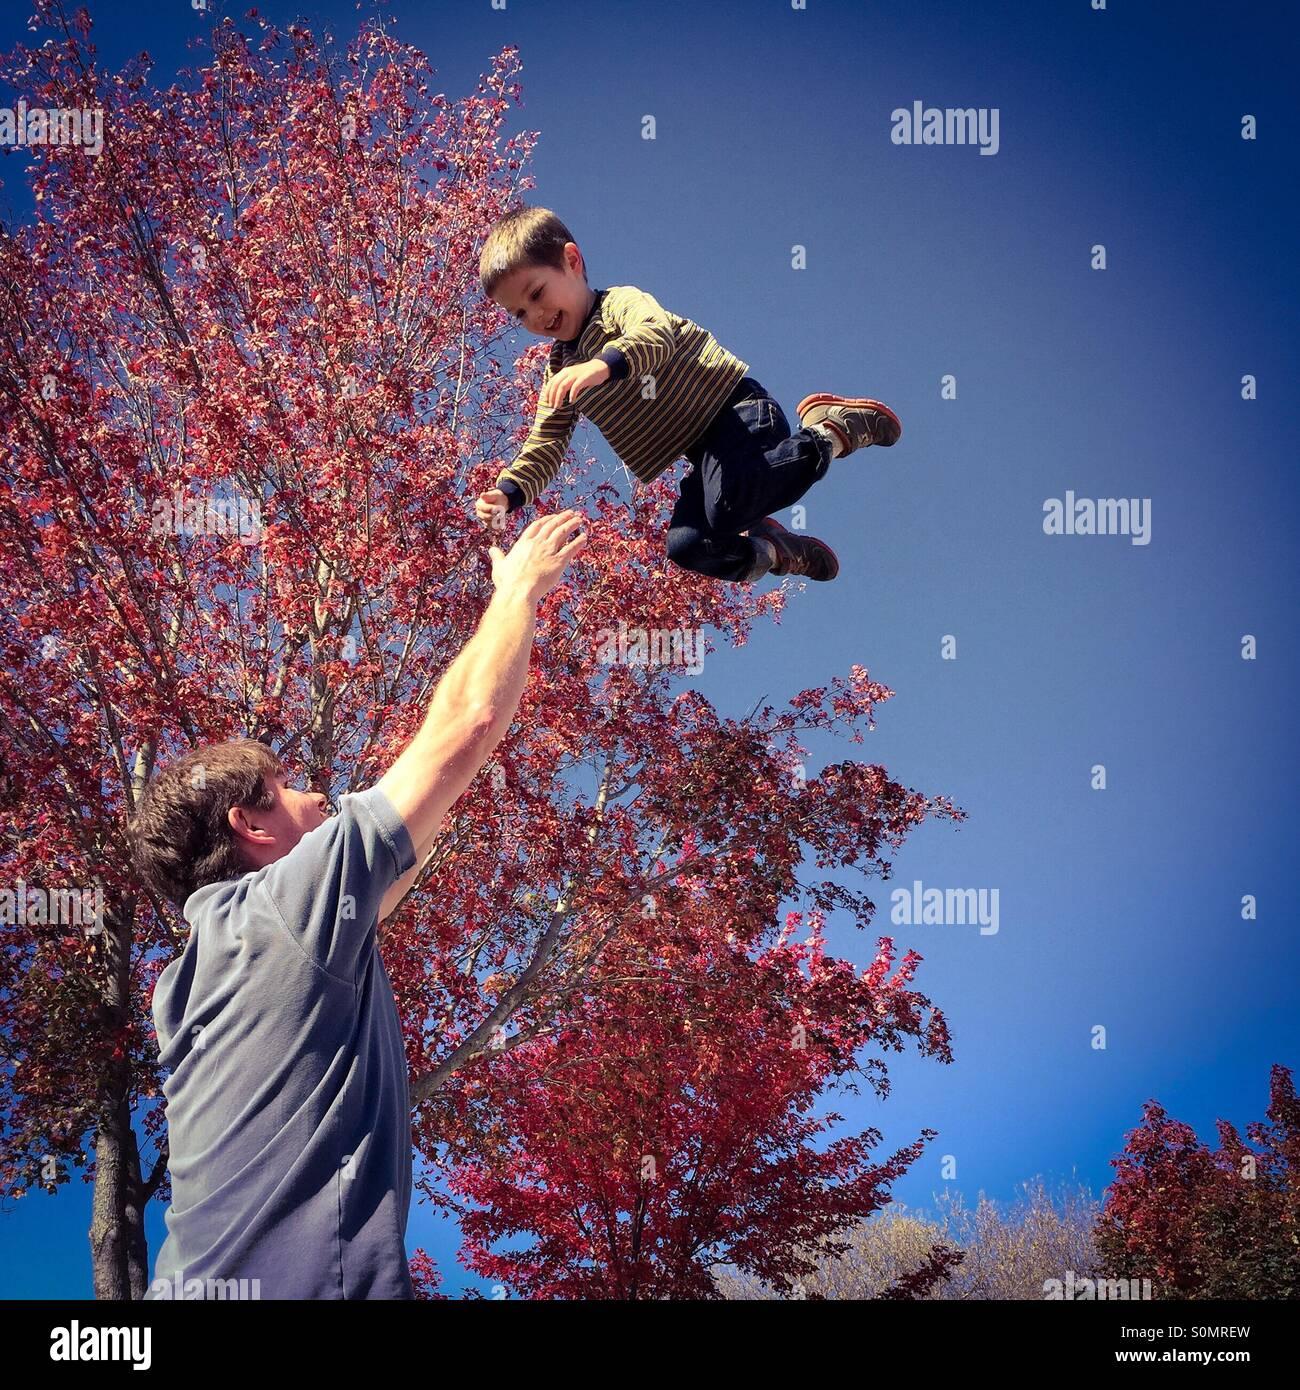 Image d'un père son fils rire jetant en l'air pour l'attraper, prises au cours de la saison d'automne Photo Stock